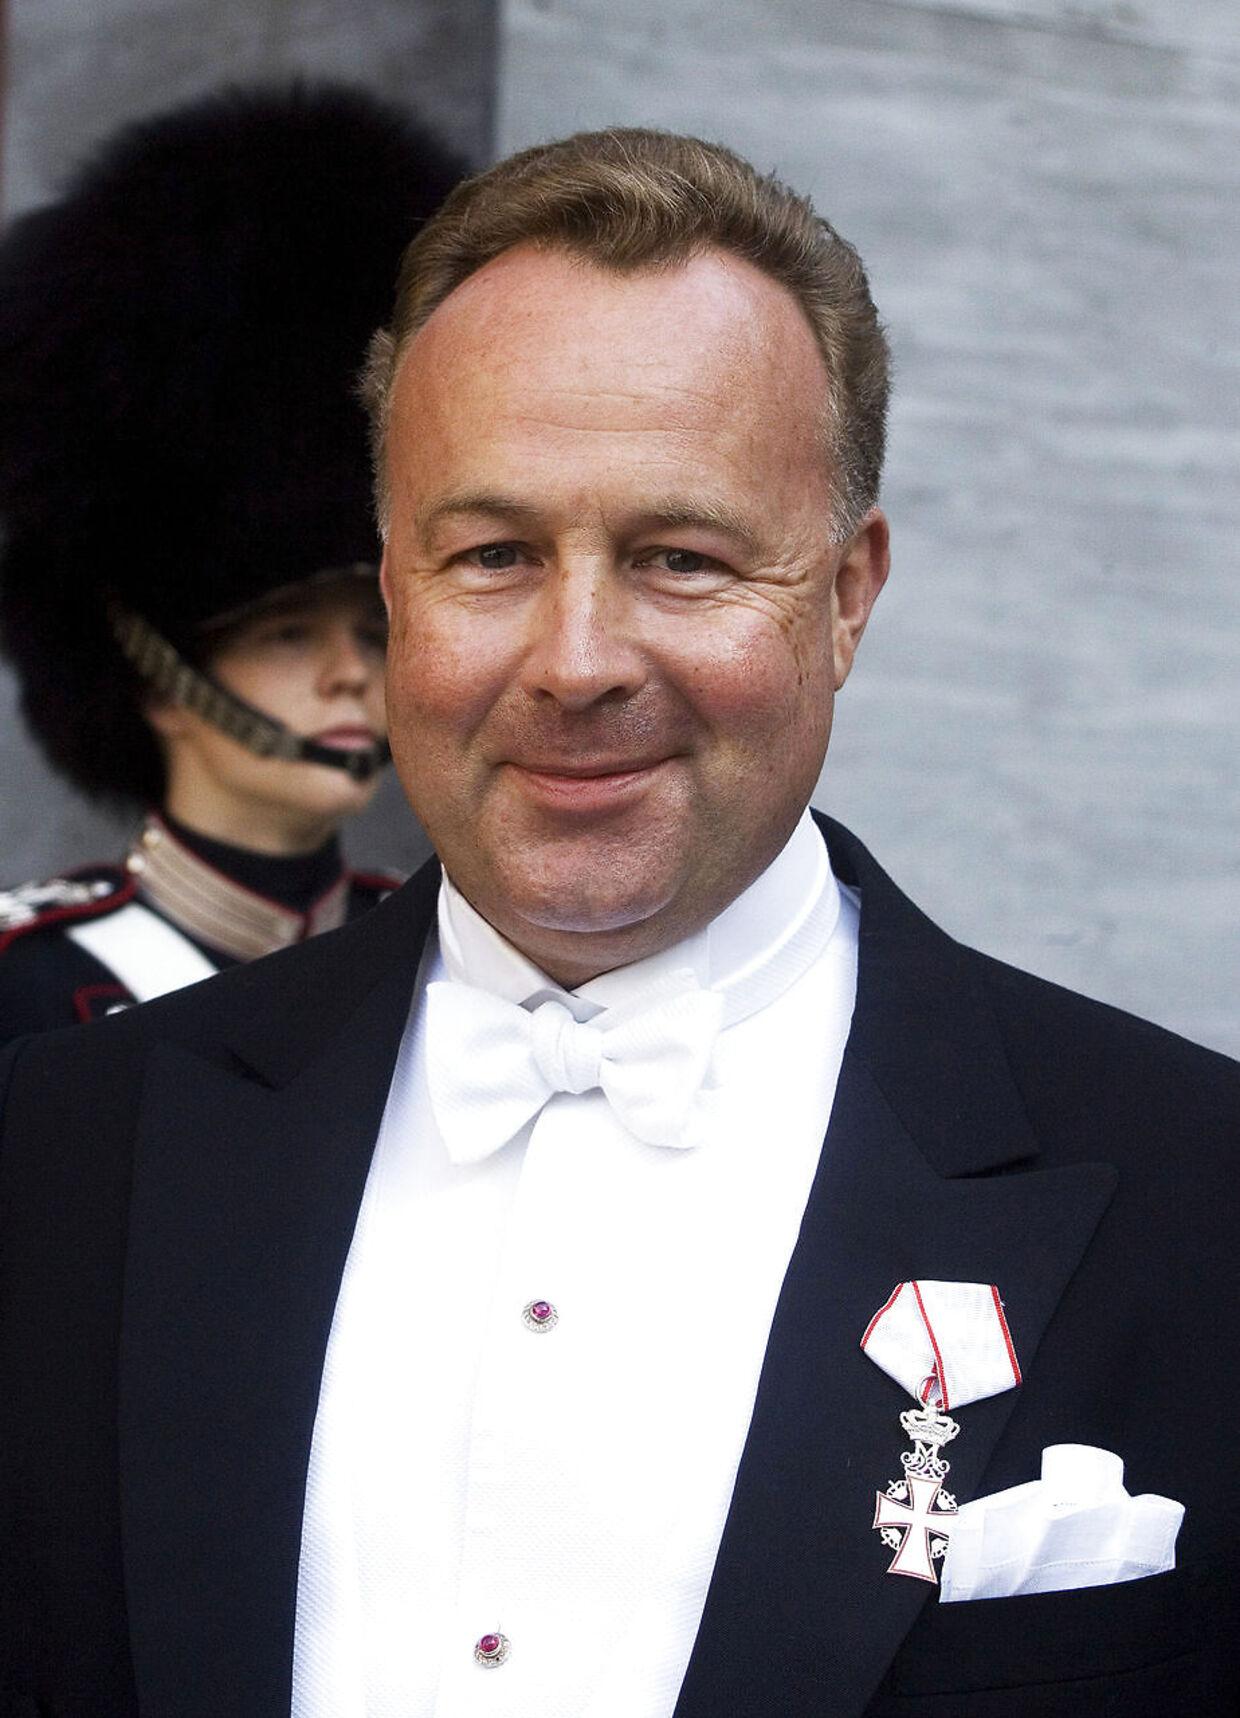 Hans Michael Jebsen er foruden at være en kendt erhvervsmand også hofjægermester.